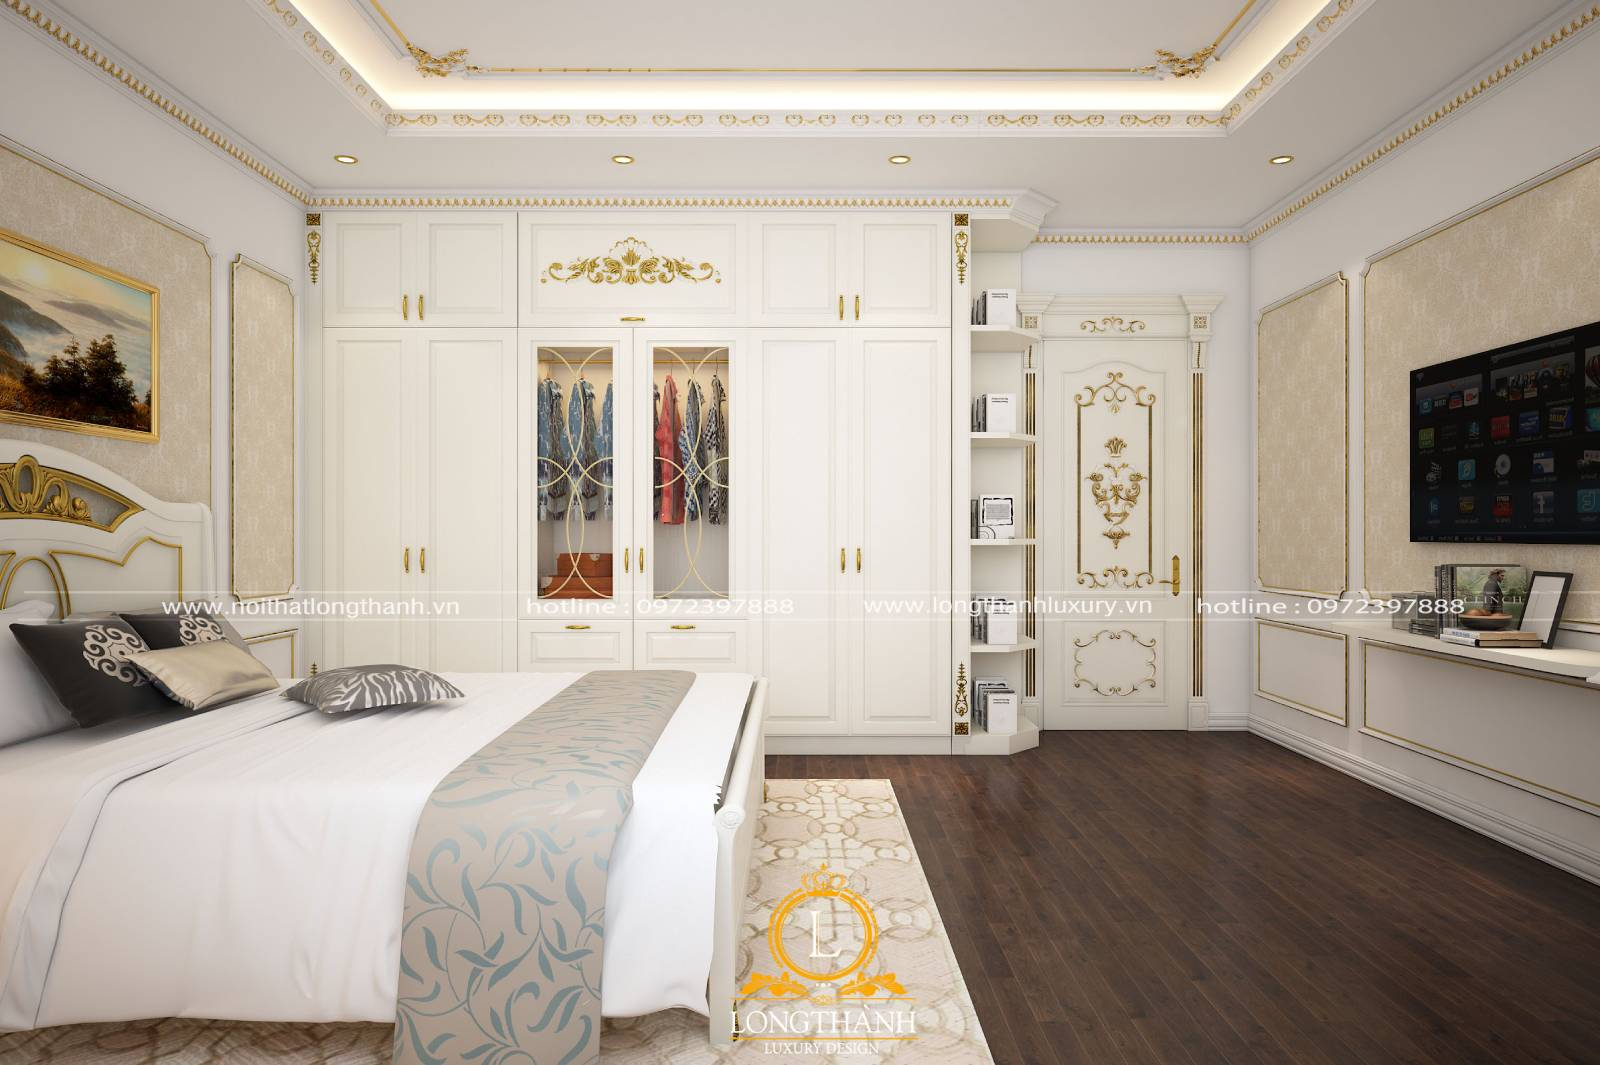 Mẫu thiết kế phòng ngủ tân cổ điển màu trắng đẹp nhẹ nhàng